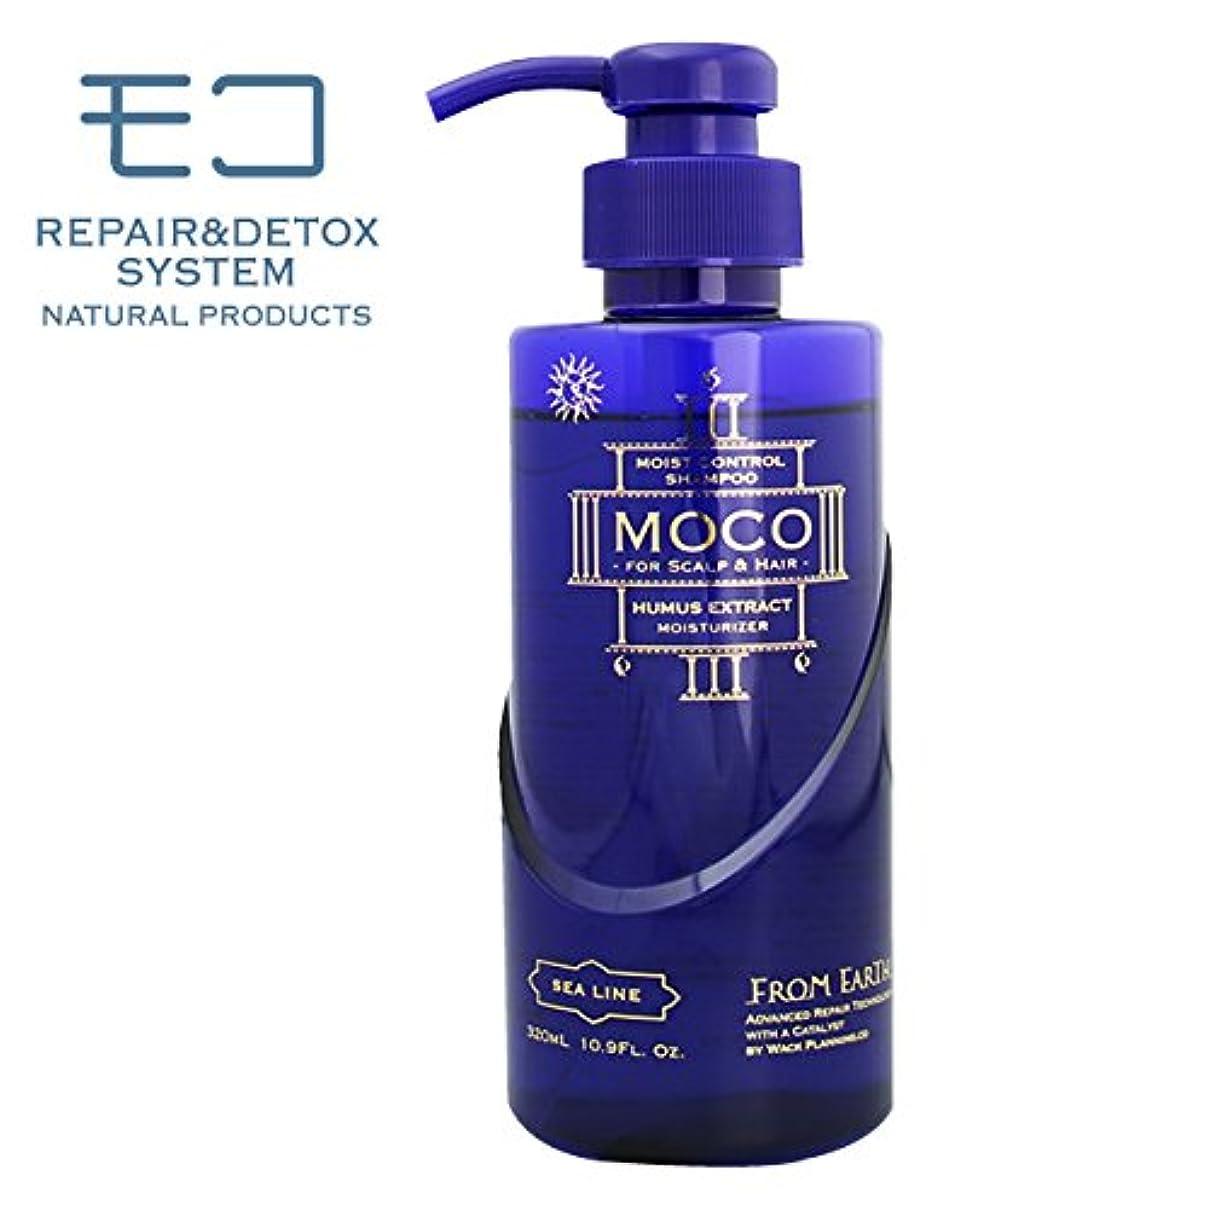 洗う不規則な知的フロムアース モイストコントロールシャンプー モコ ボトル 320ml